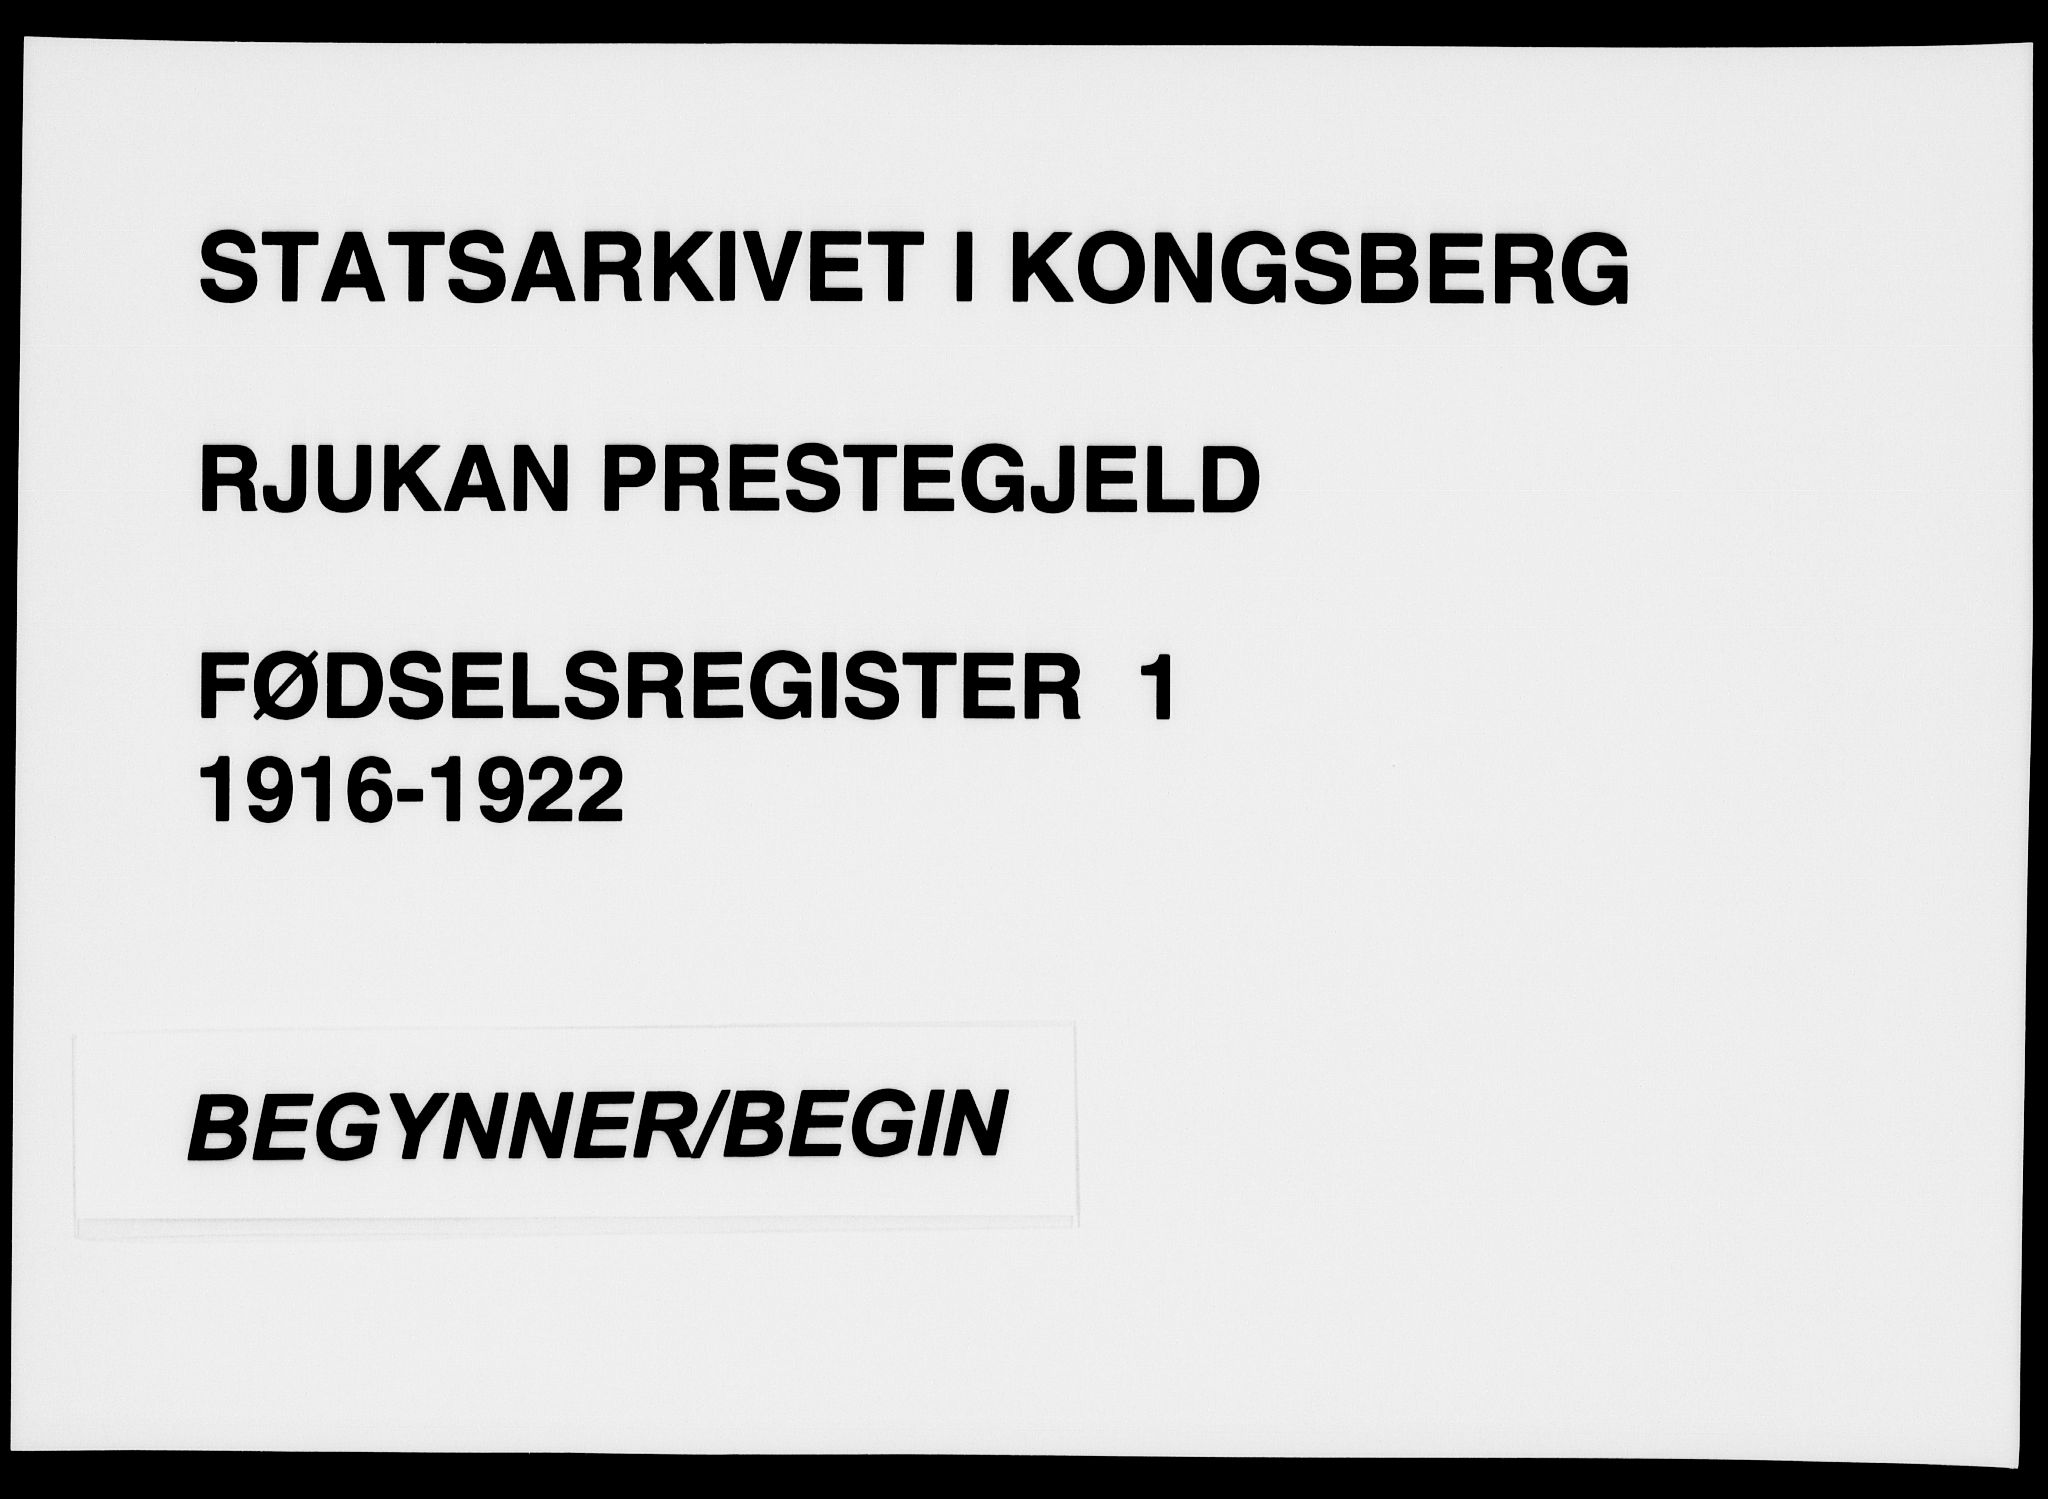 SAKO, Rjukan kirkebøker, J/Ja/L0001: Fødselsregister nr. 1, 1916-1922